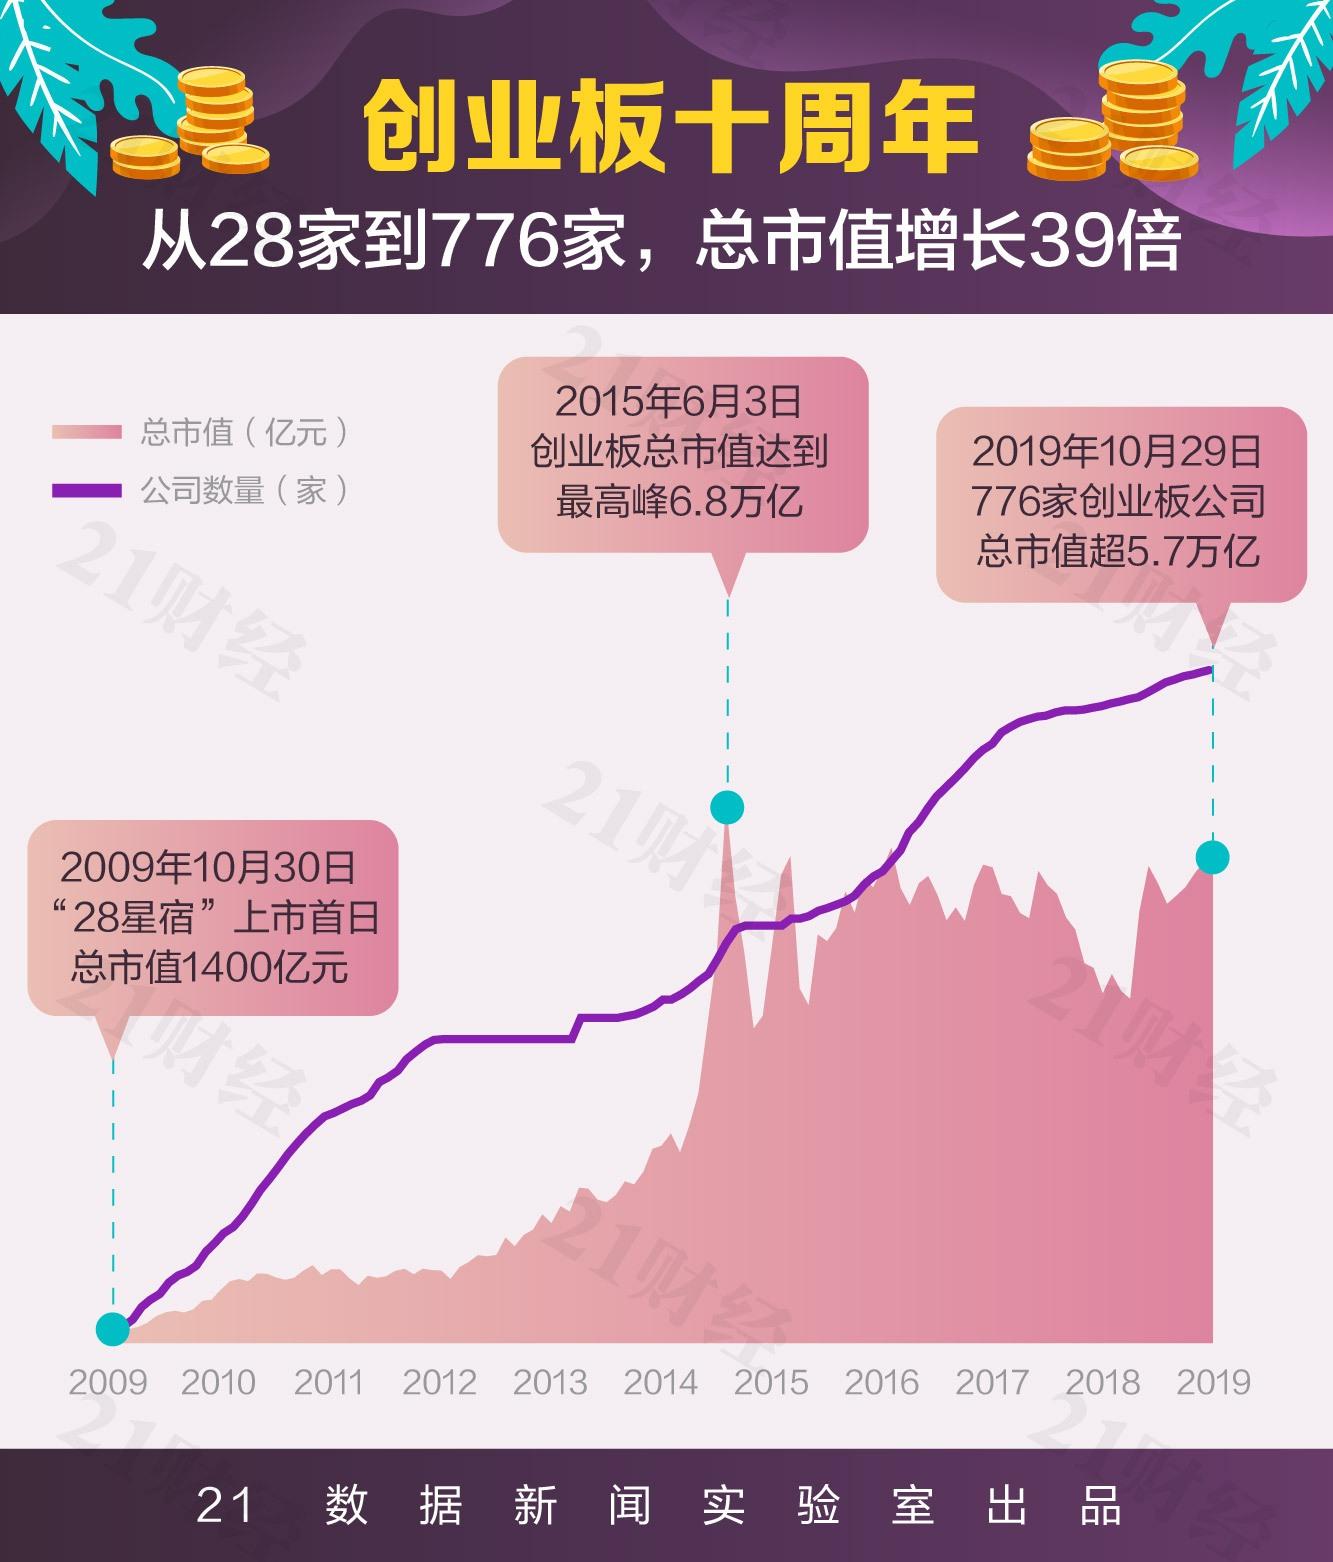 创业板这10年:总市值从1400亿到5.7万亿谁起谁落?